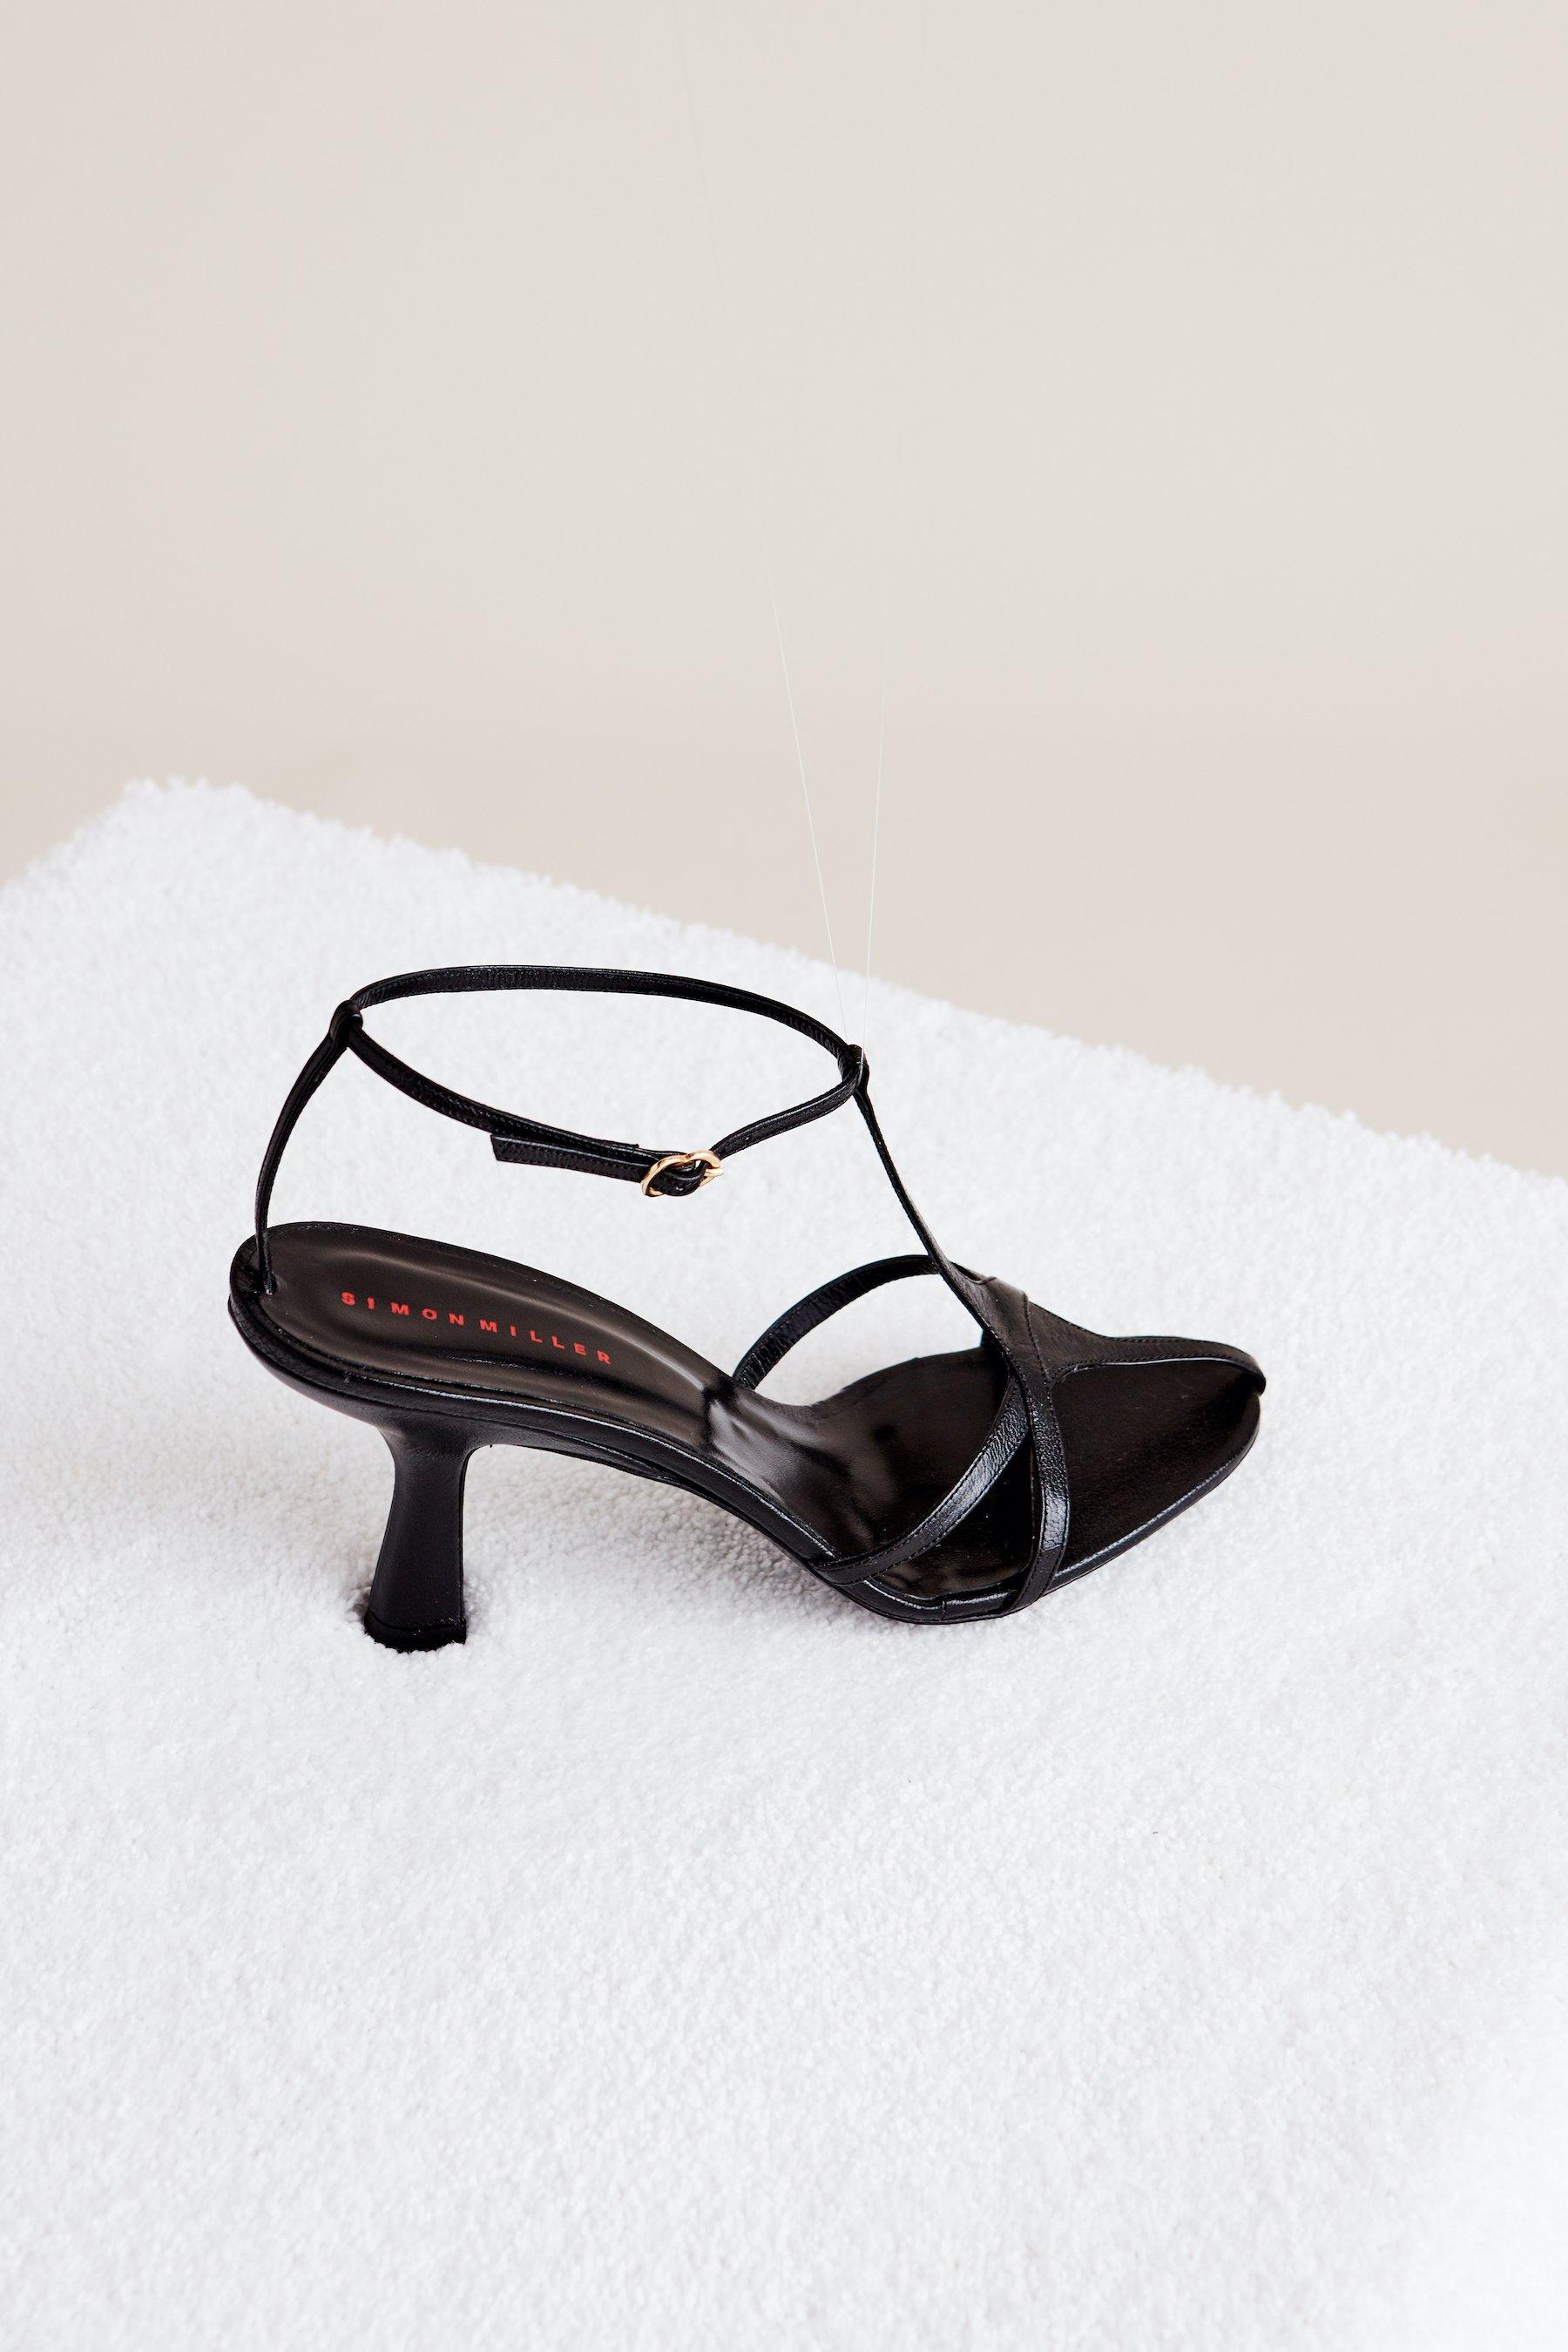 Star Heel in Black by Simon Miller - 2